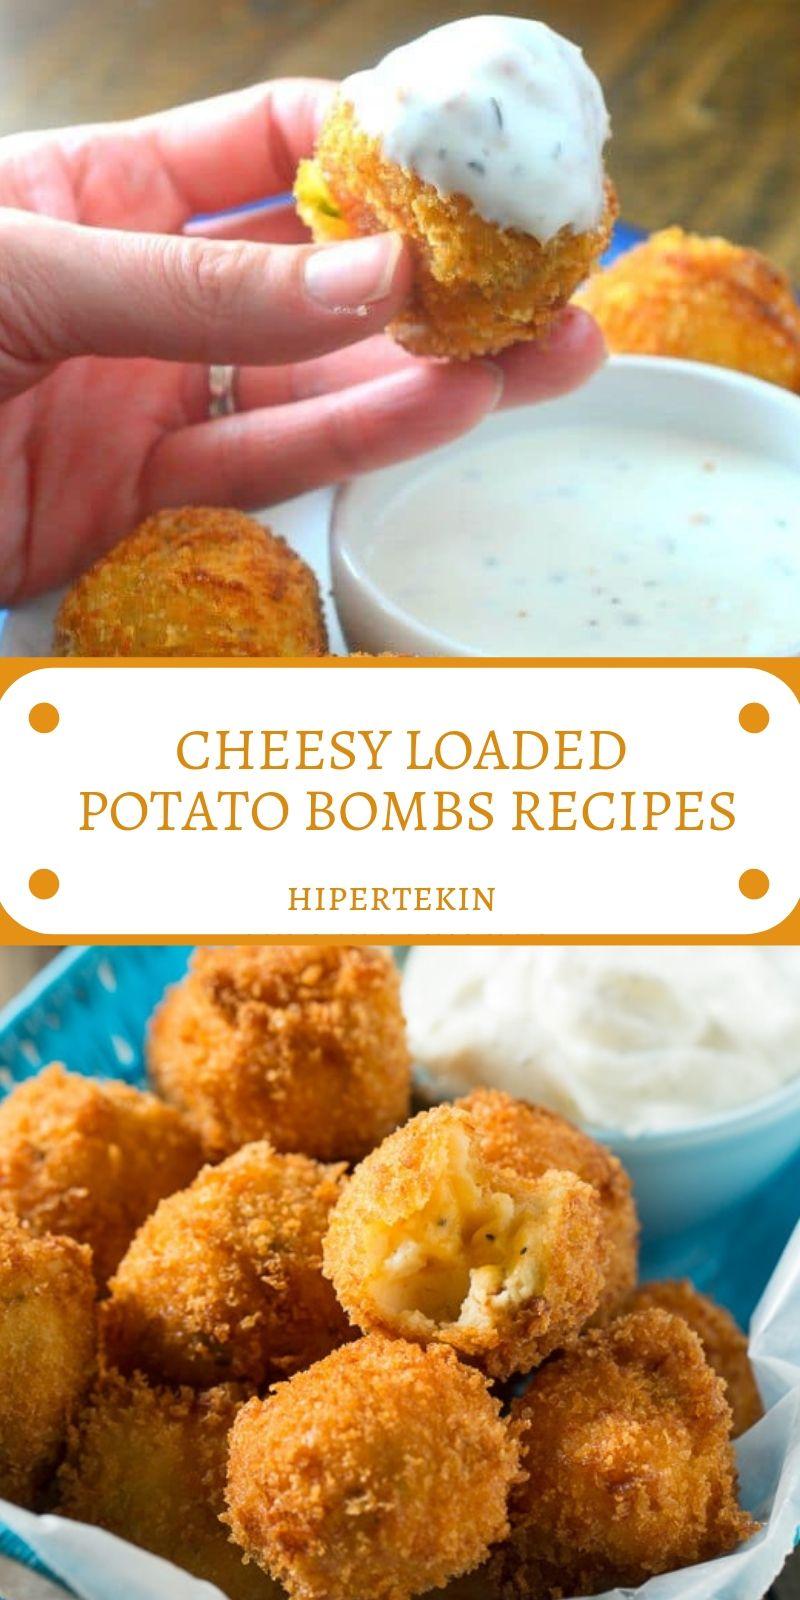 Photo of Hipertekin: CHEESY LOADED POTATO BOMBS RECIPES